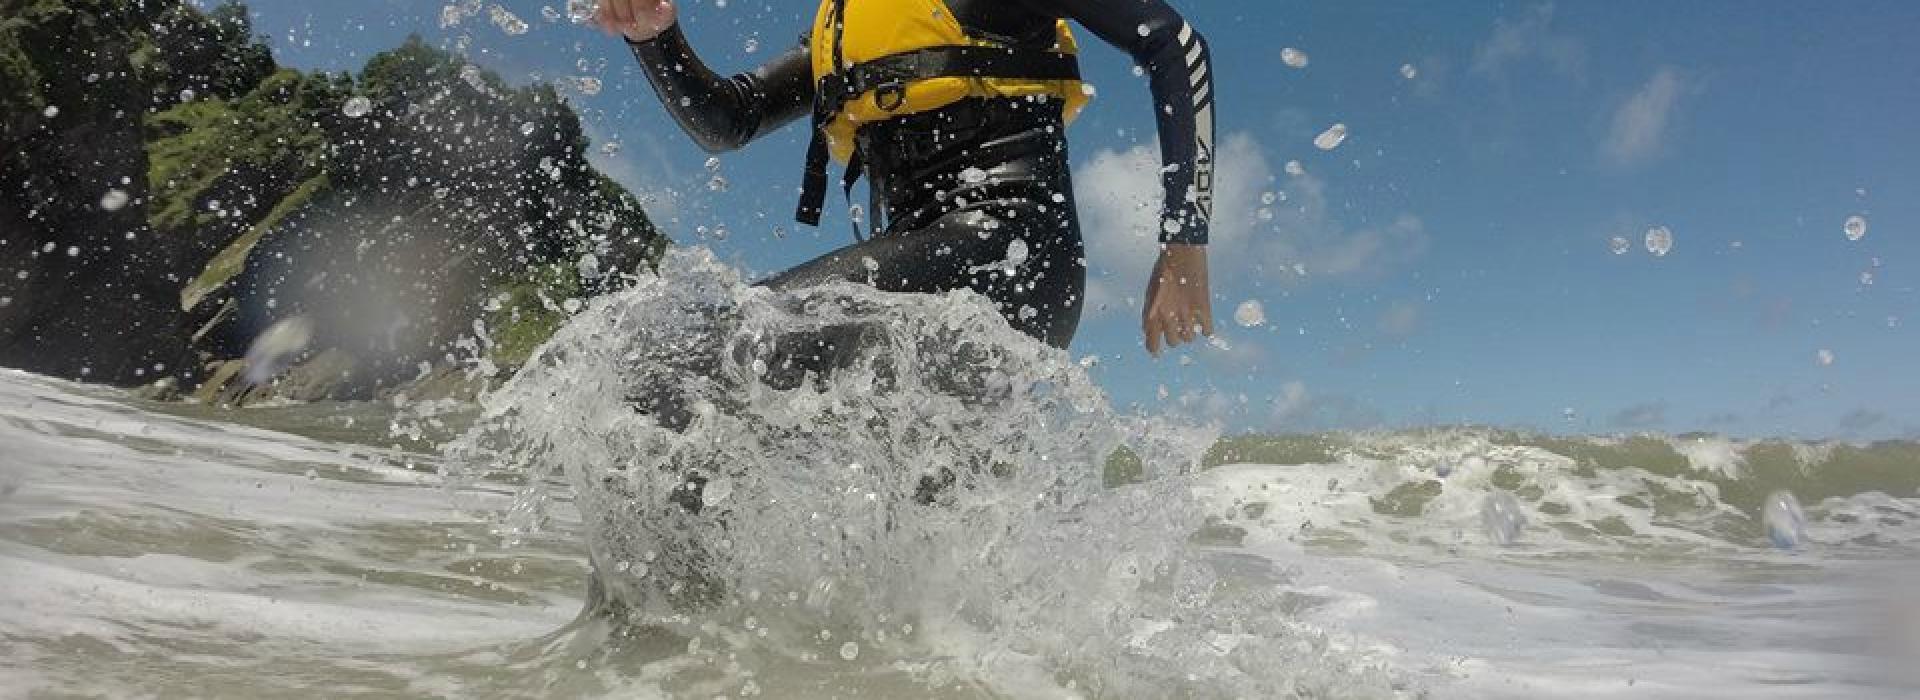 NCS, Sea, waves, watersports, school groups, kids groups